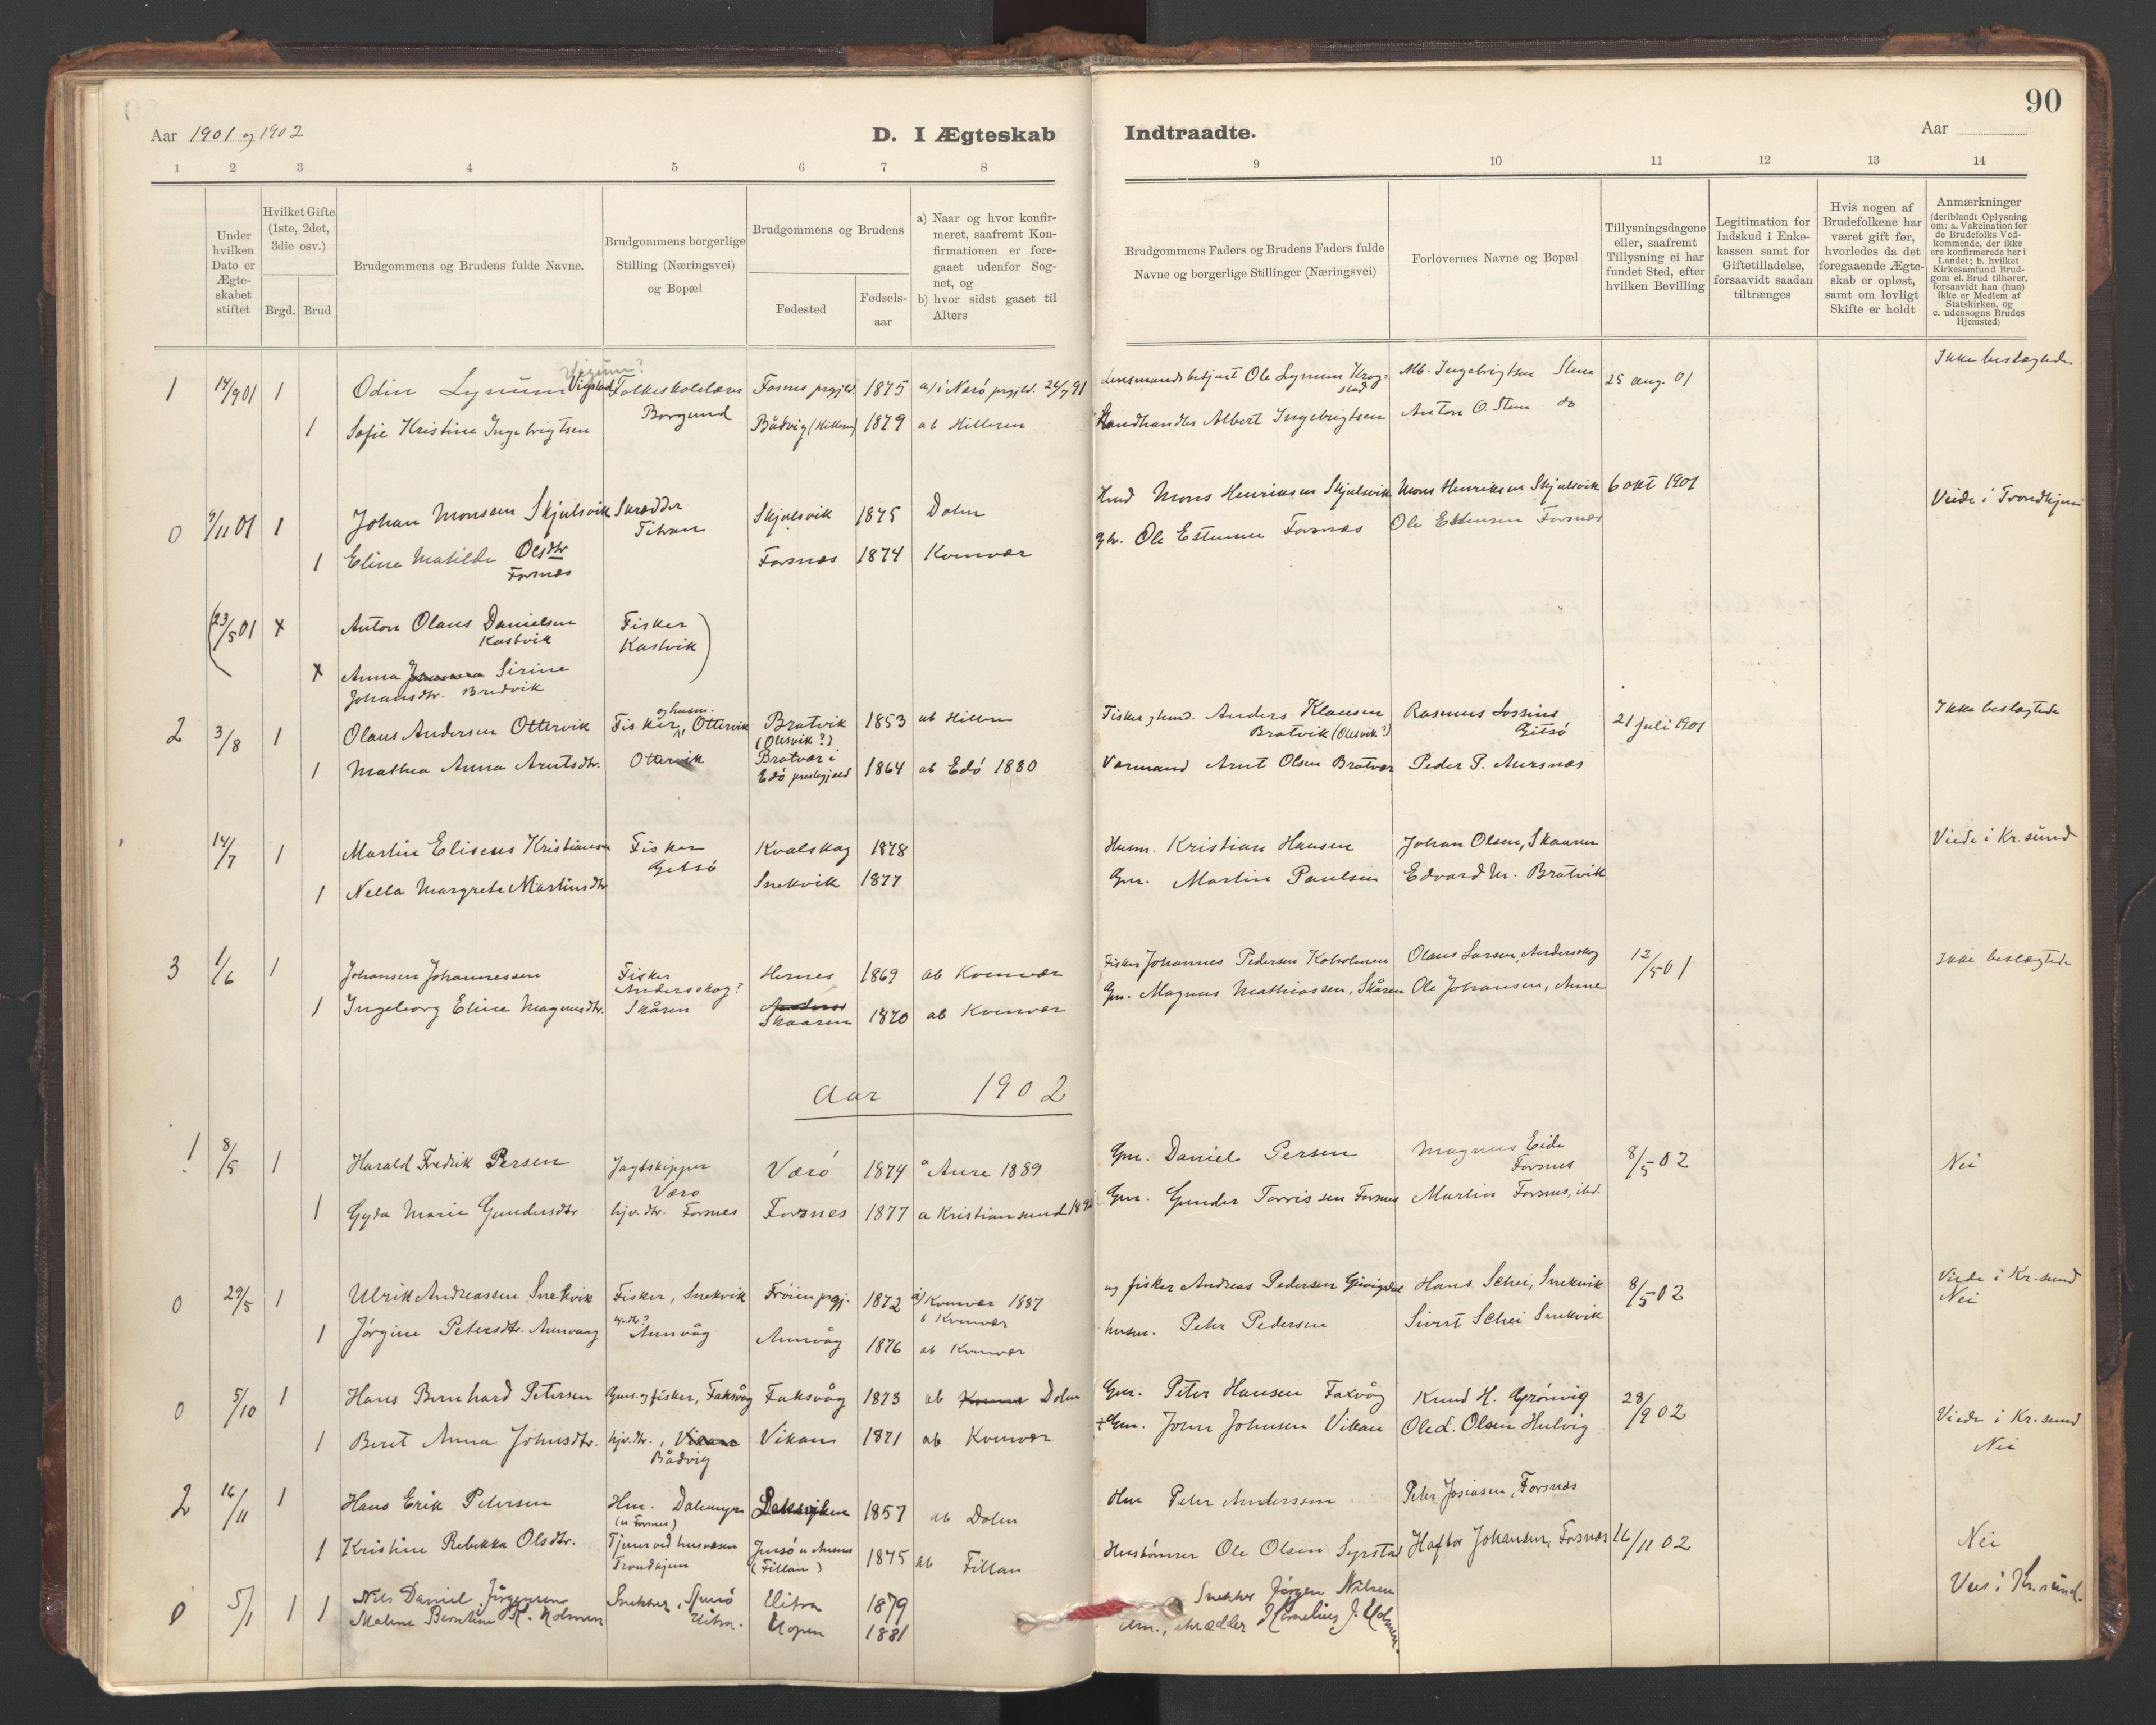 SAT, Ministerialprotokoller, klokkerbøker og fødselsregistre - Sør-Trøndelag, 635/L0552: Ministerialbok nr. 635A02, 1899-1919, s. 90